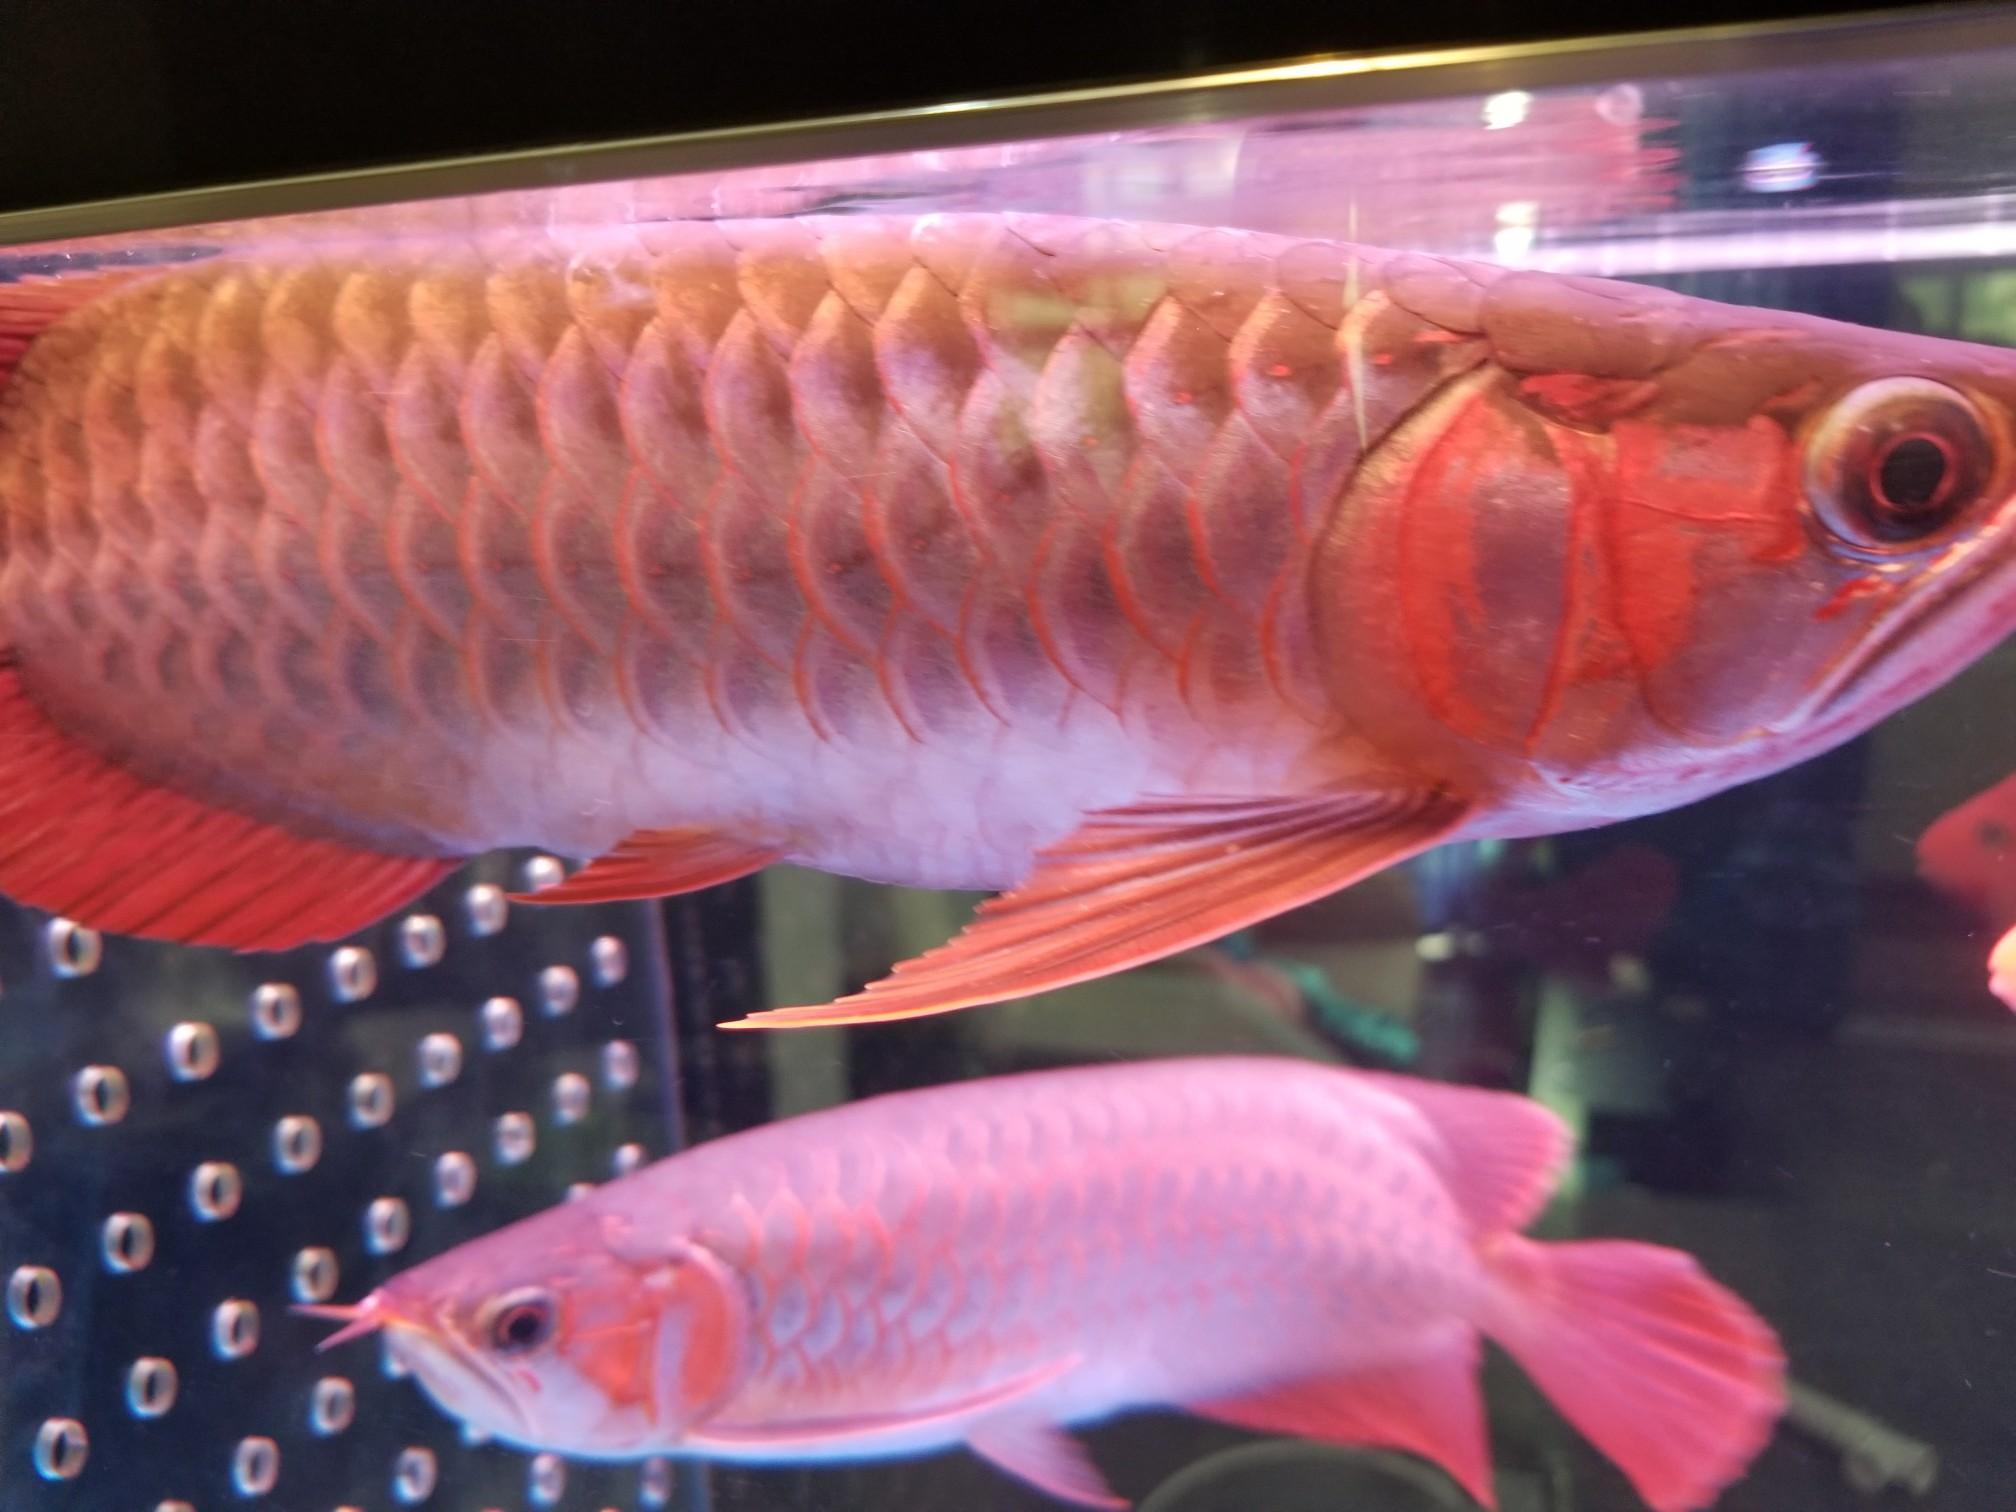 鱼背上有白色的东西 是不是融鳞了? 北京观赏鱼 北京龙鱼第2张